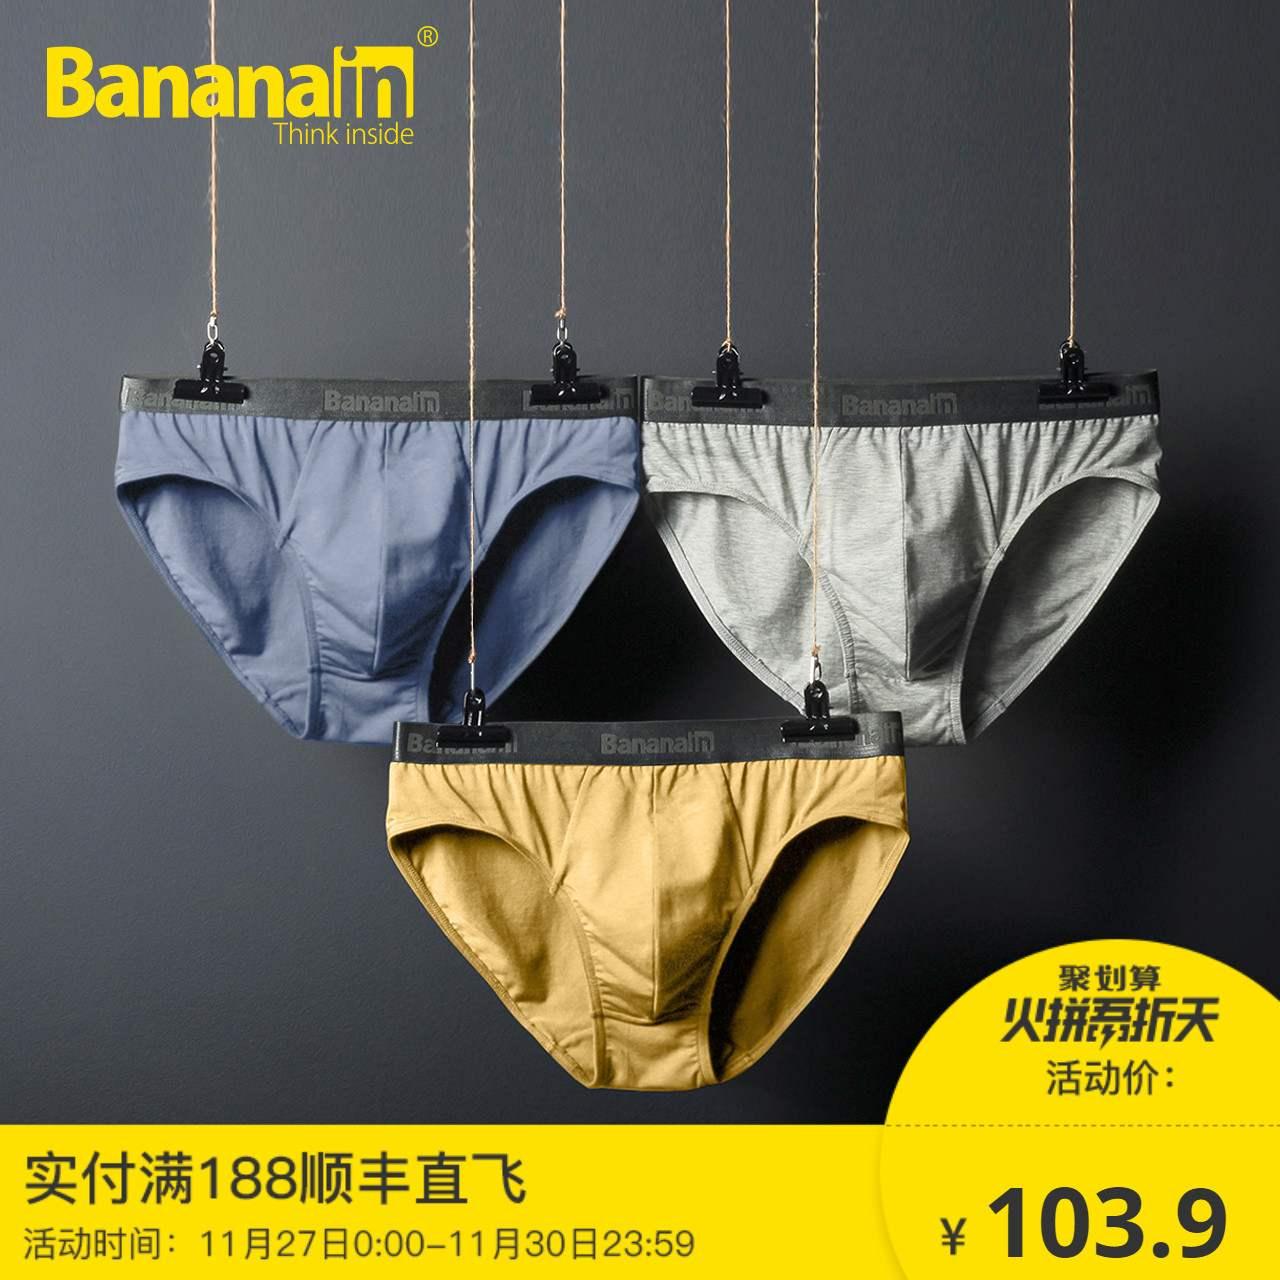 3件Bananain蕉内501P棉莫代尔性感男士三角裤运动内裤男裤衩潮流